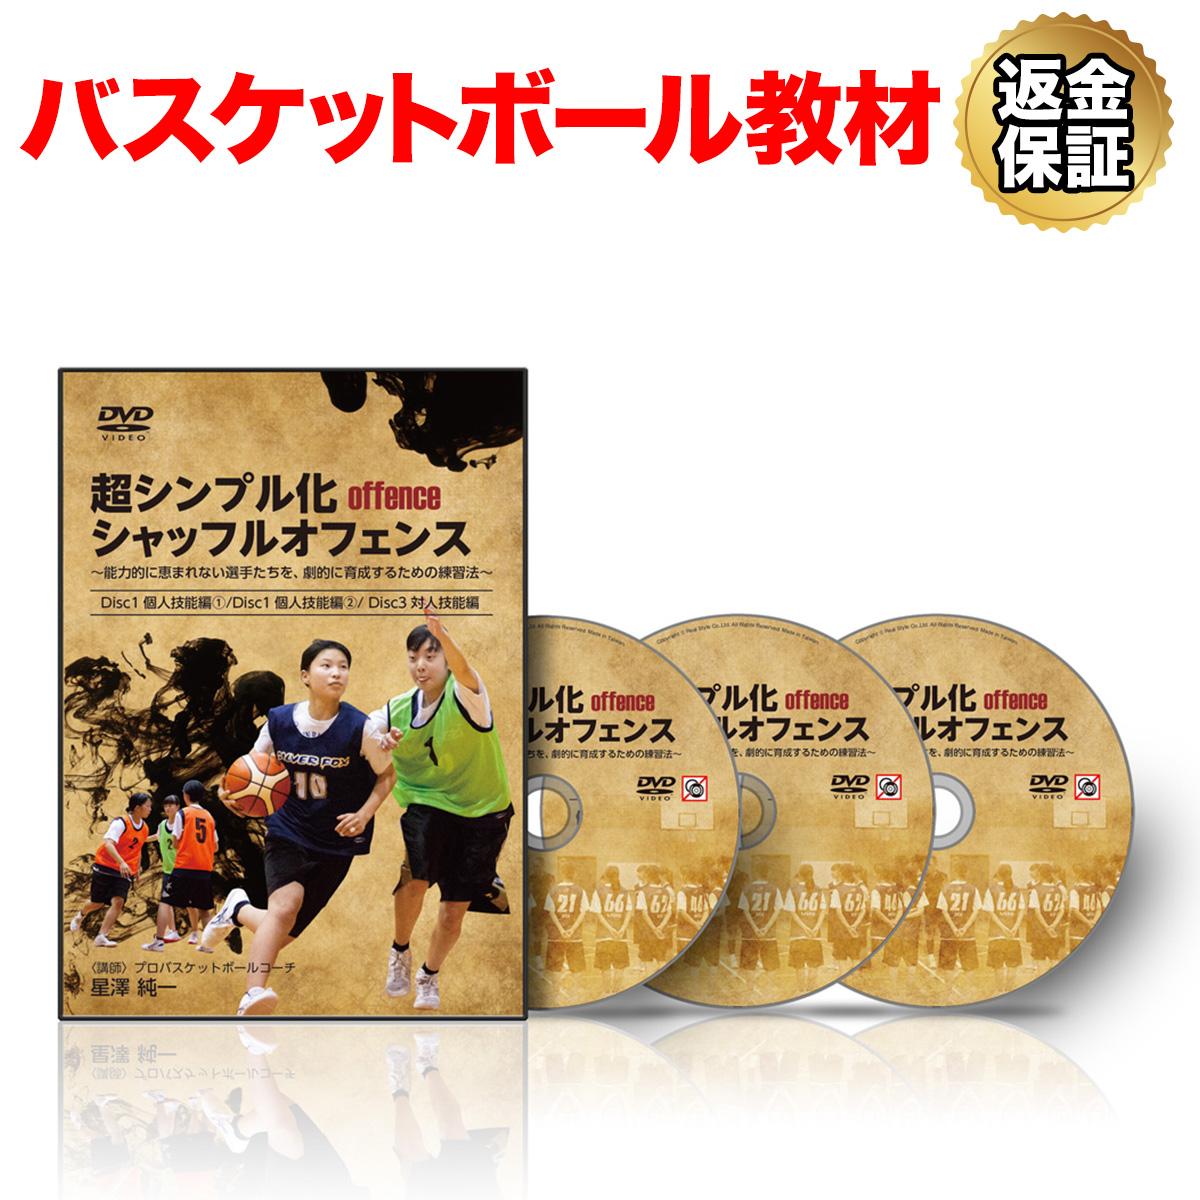 バスケットボール 教材 DVD  超シンプル化シャッフルオフェンス~能力的に恵まれないチームが動きの質で試合に勝つ方法~ 個人技能編